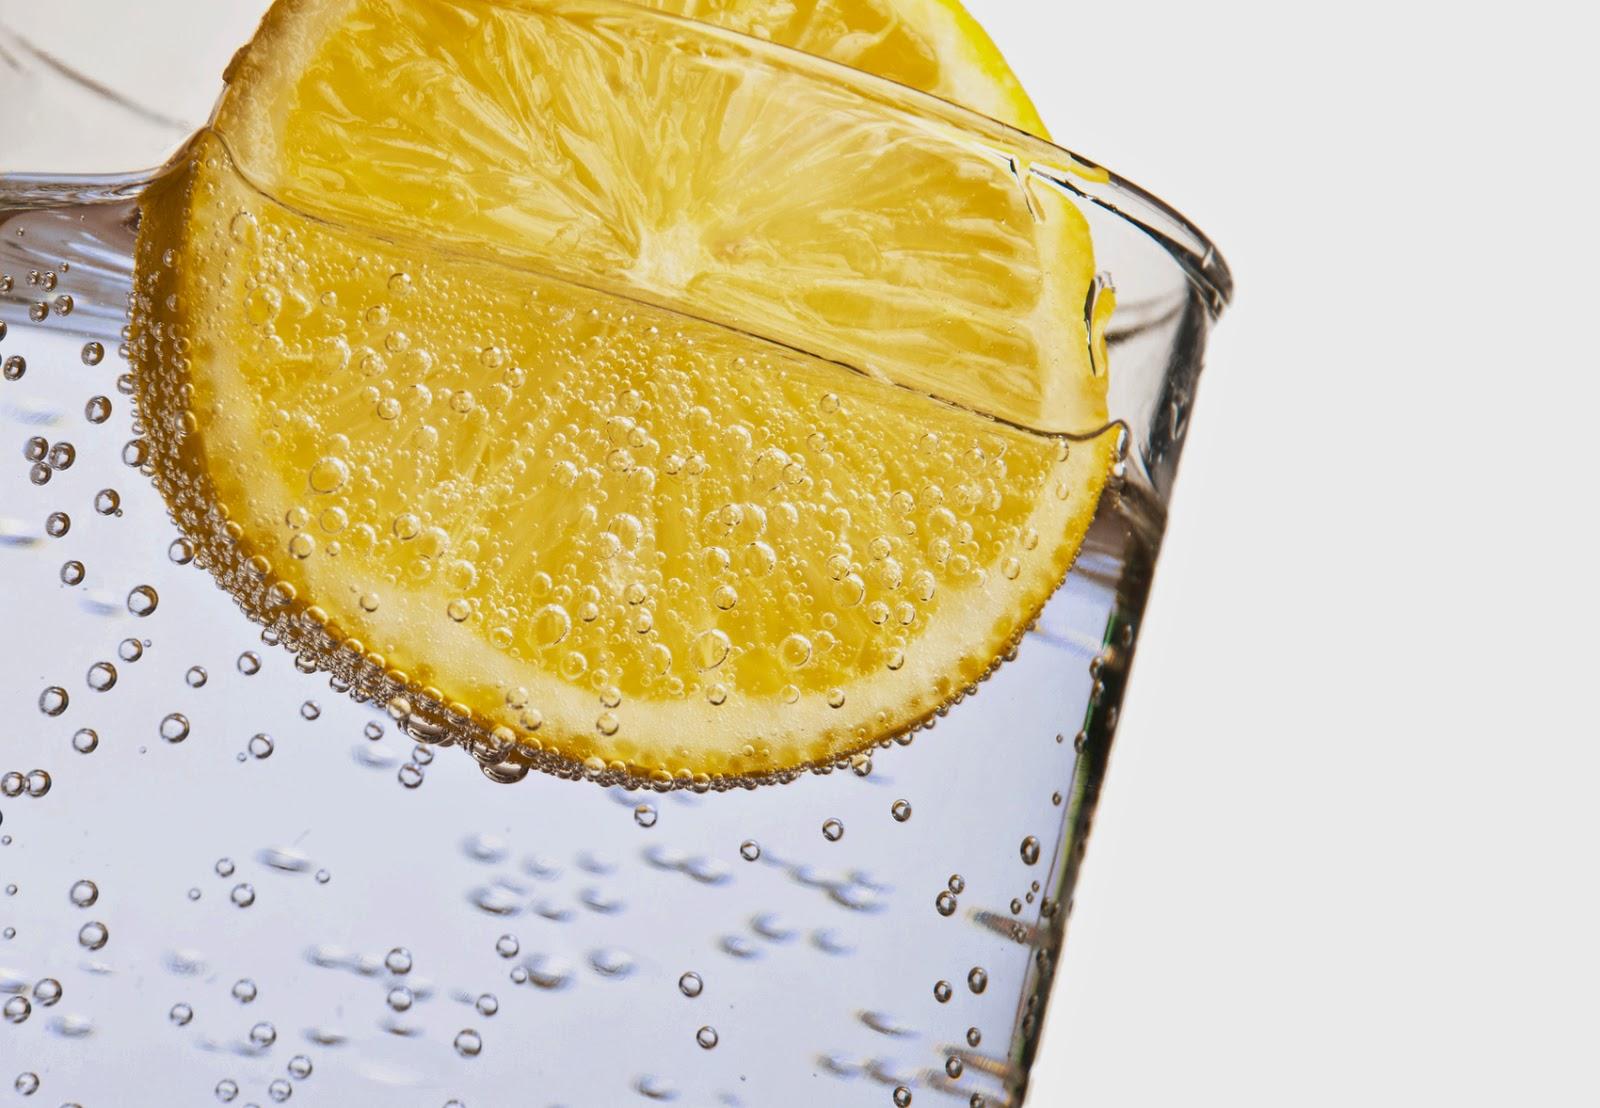 فوائد الليمون مع الماء البارد أو الدافئ